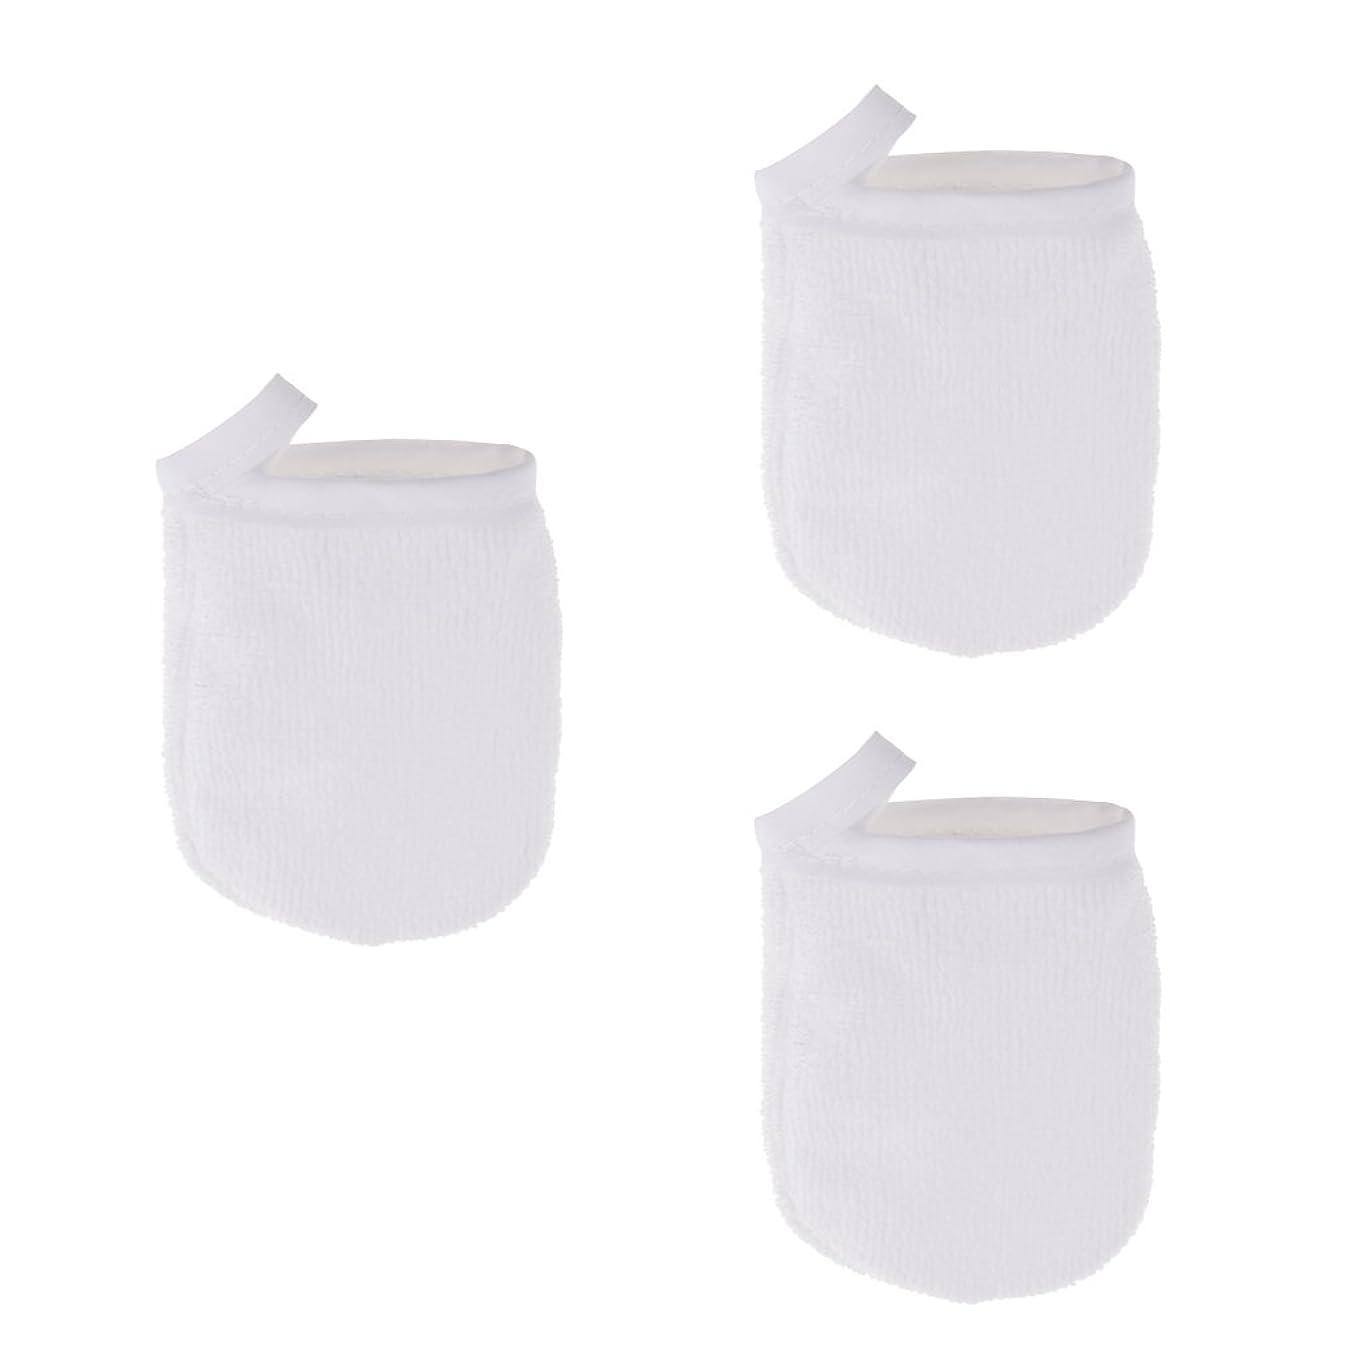 肌入浴に対応するKesoto 3個 洗顔グローブ フェイシャル クレンジンググローブ 手袋 グローブ ソフト メイクリムーバークロス 再使用可能